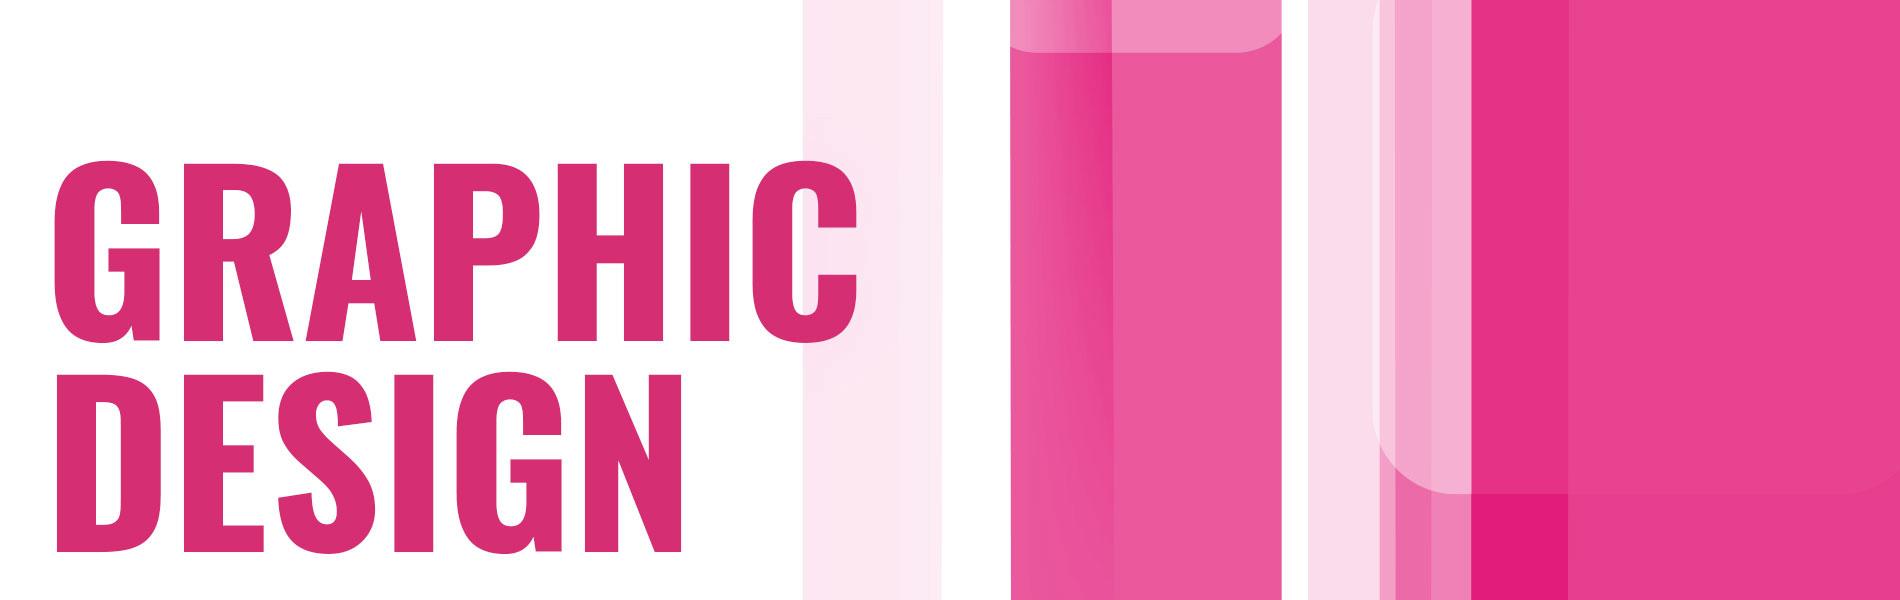 nwm graphic design